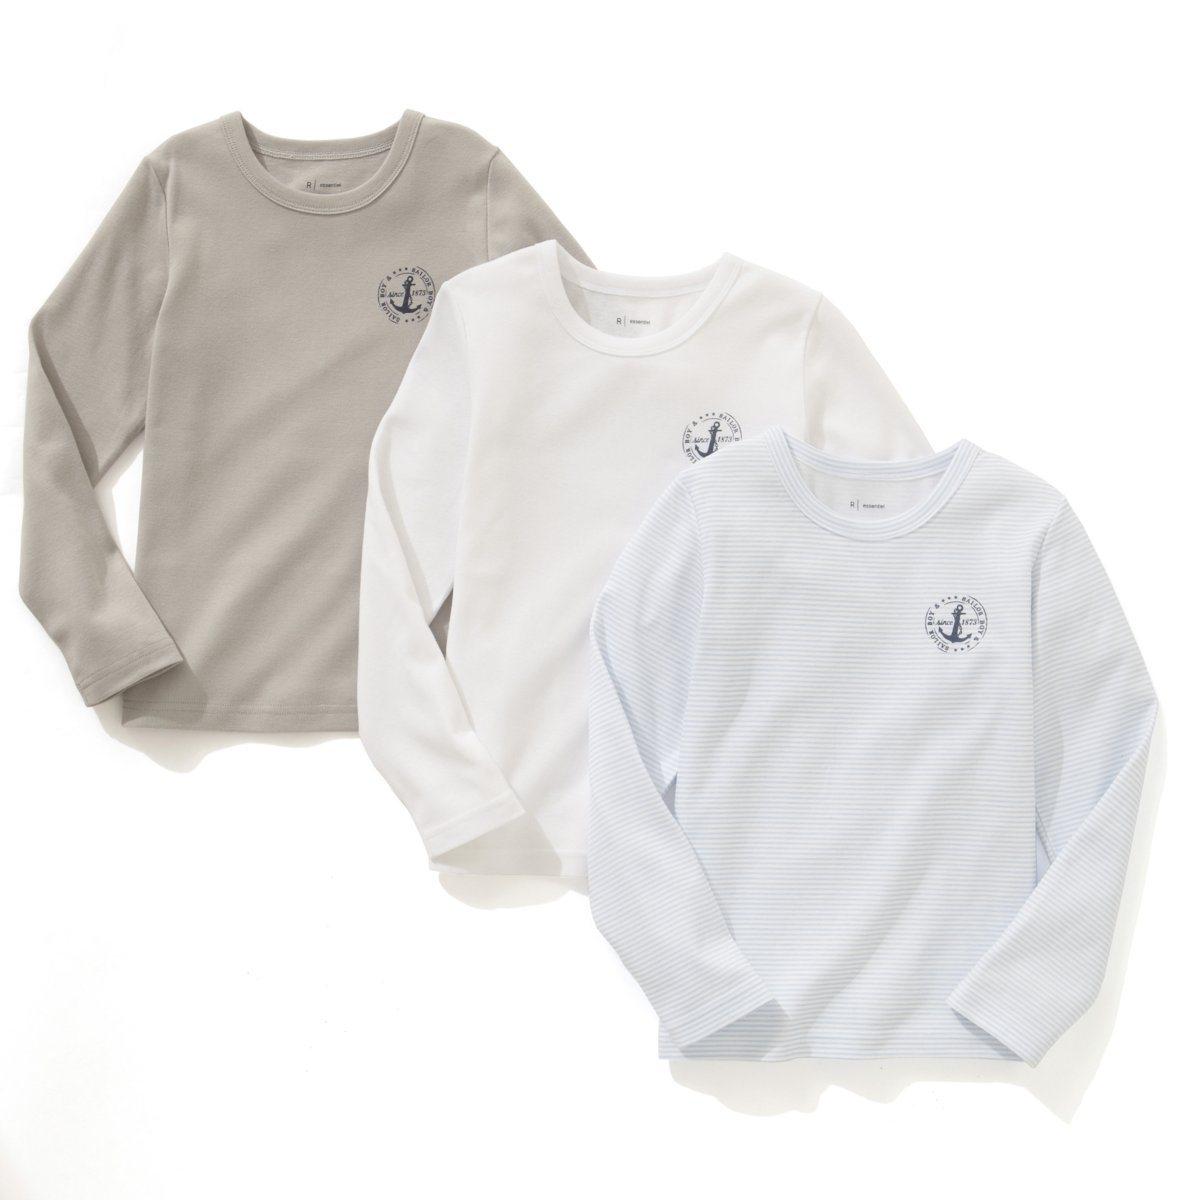 3 футболки1 в полоску + 2 однотонные. Принт на груди. В рубчик 1 х 1, 100% хлопка. Длинные рукава.<br><br>Цвет: белый + серый + в синюю полоску<br>Размер: 6/8 лет -114/126 см